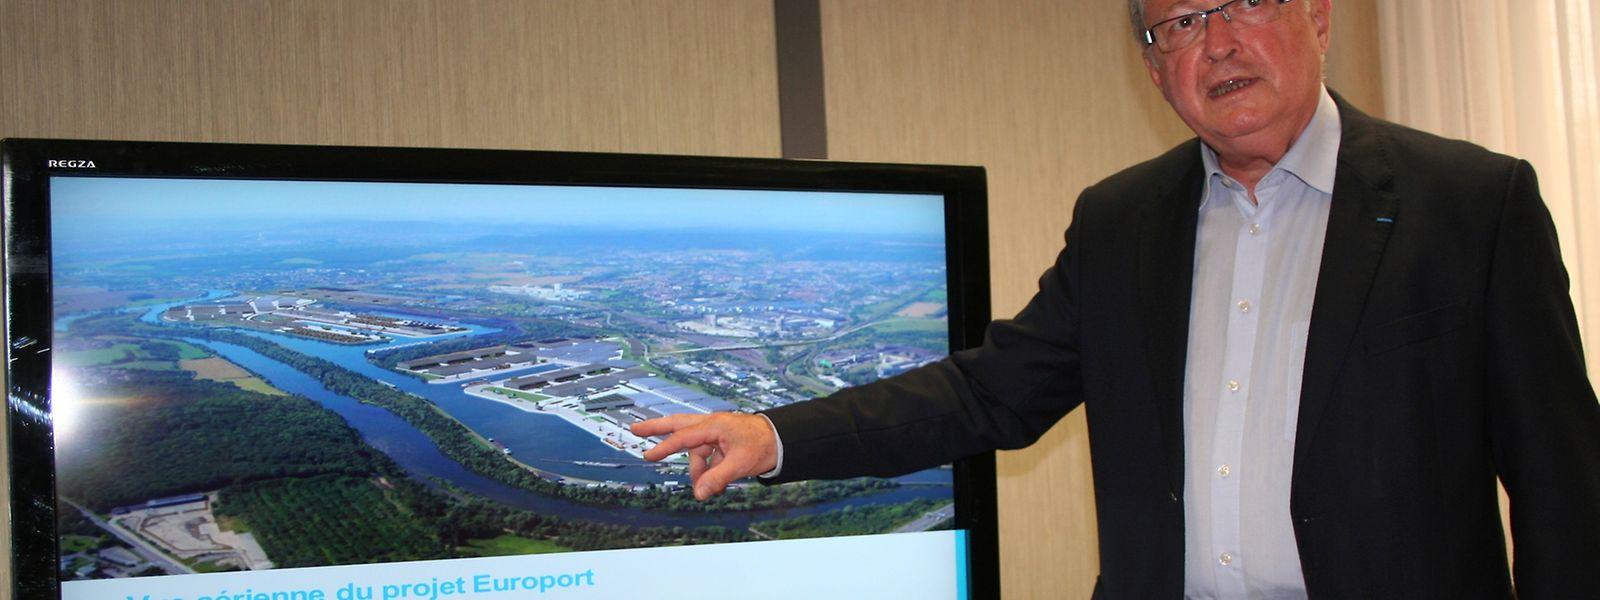 Le vice-président de l'Europort, Jean-Charles Louis, a présenté la concession qui permettra au train de la soie d'arriver jusqu'à Illange